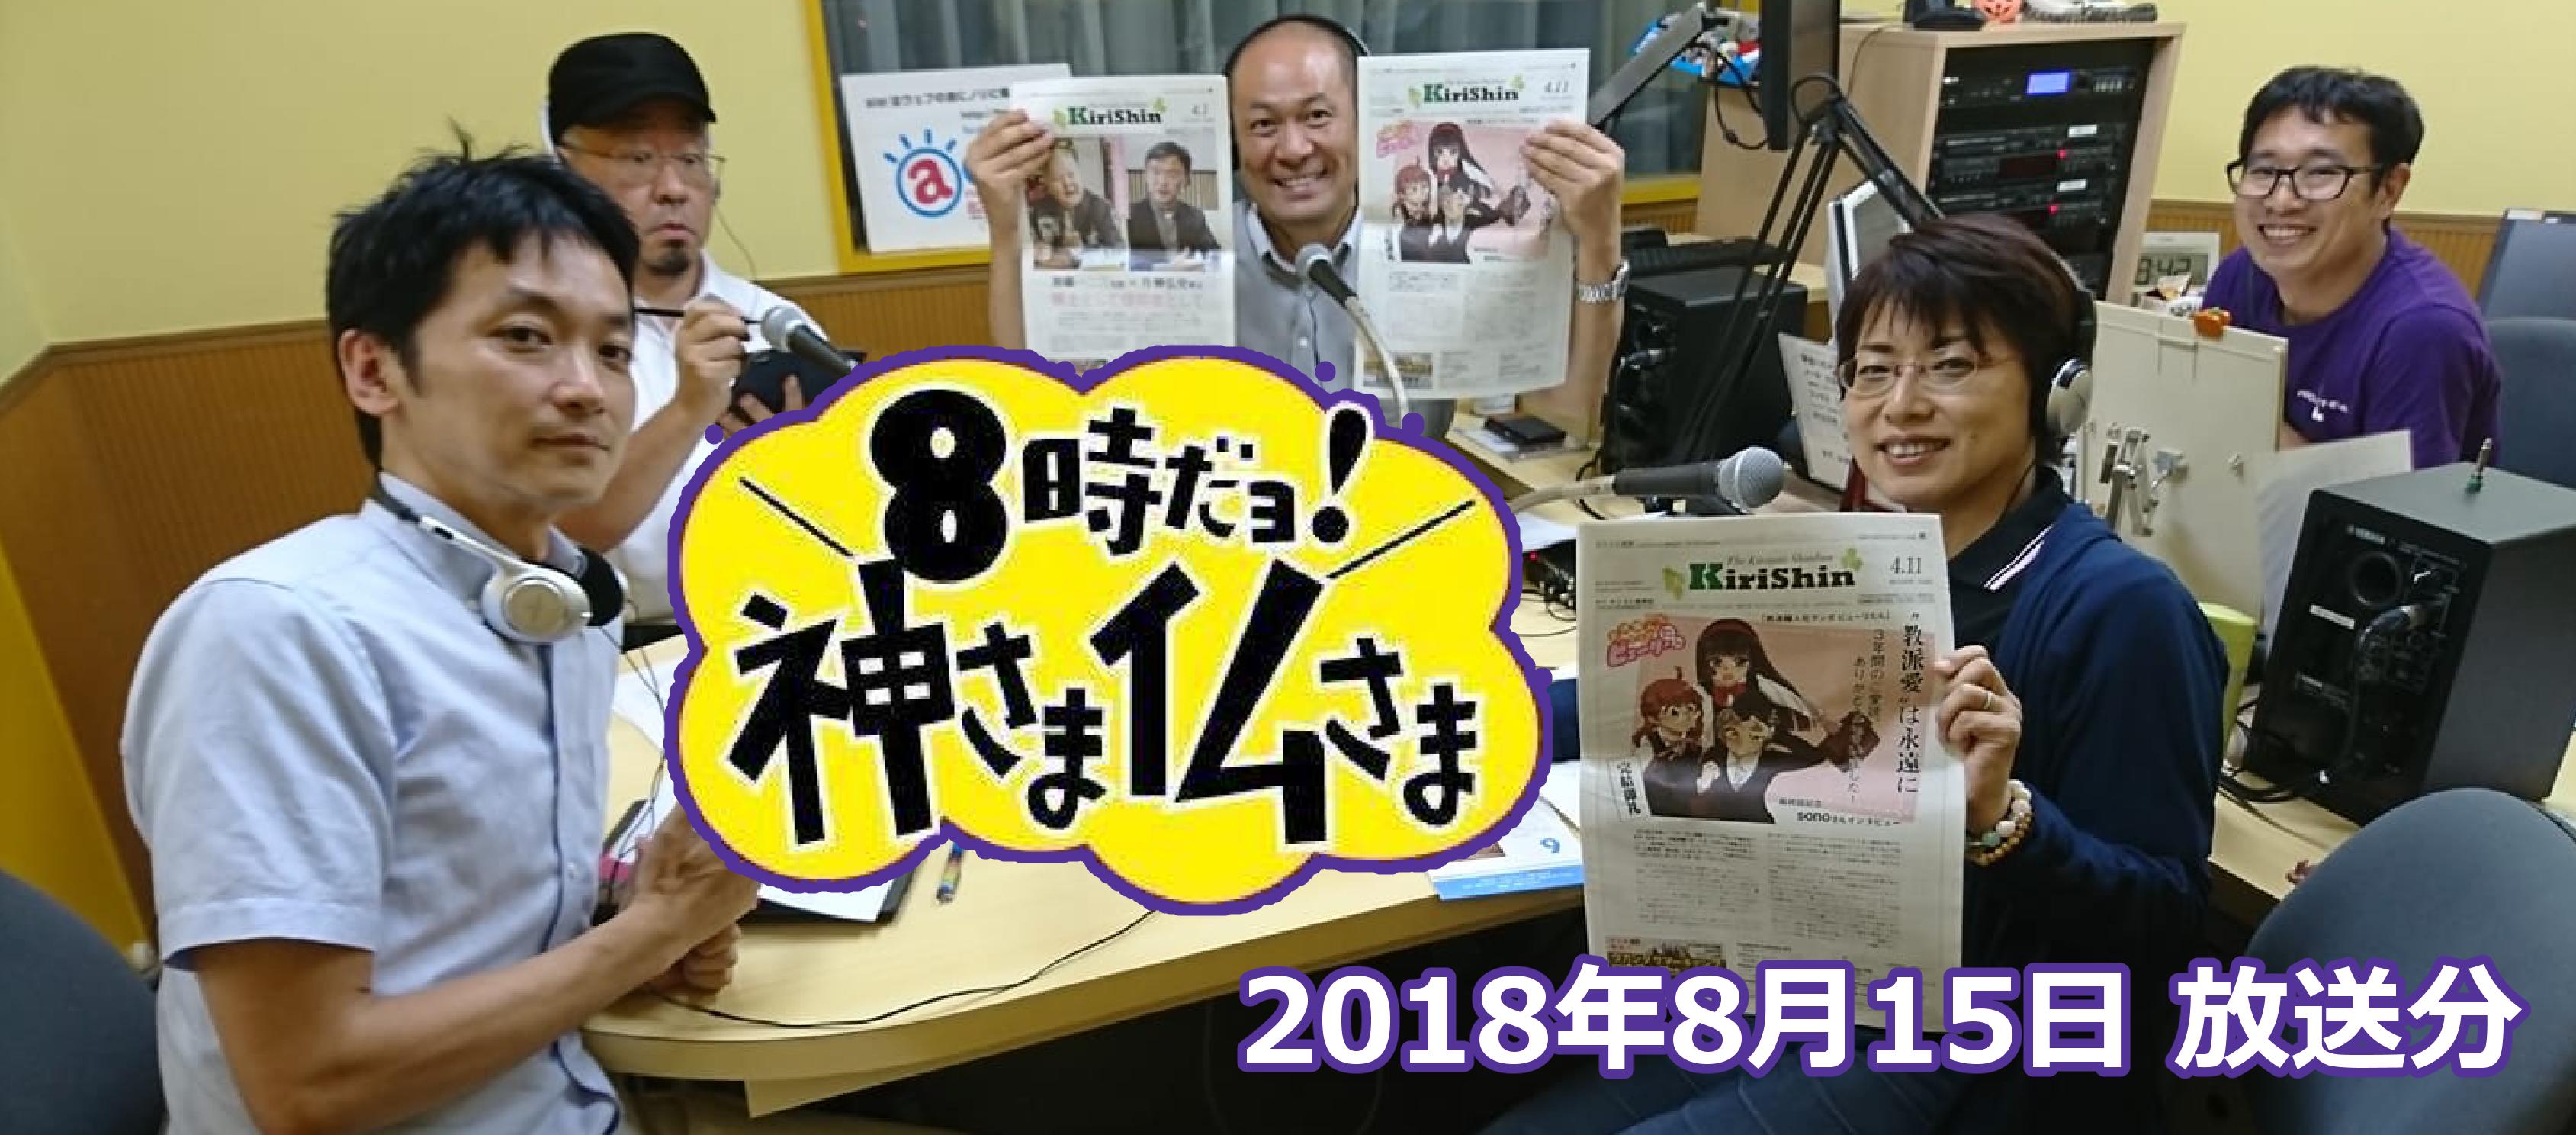 8時だヨ!神さま仏さま 2018.8.15放送分